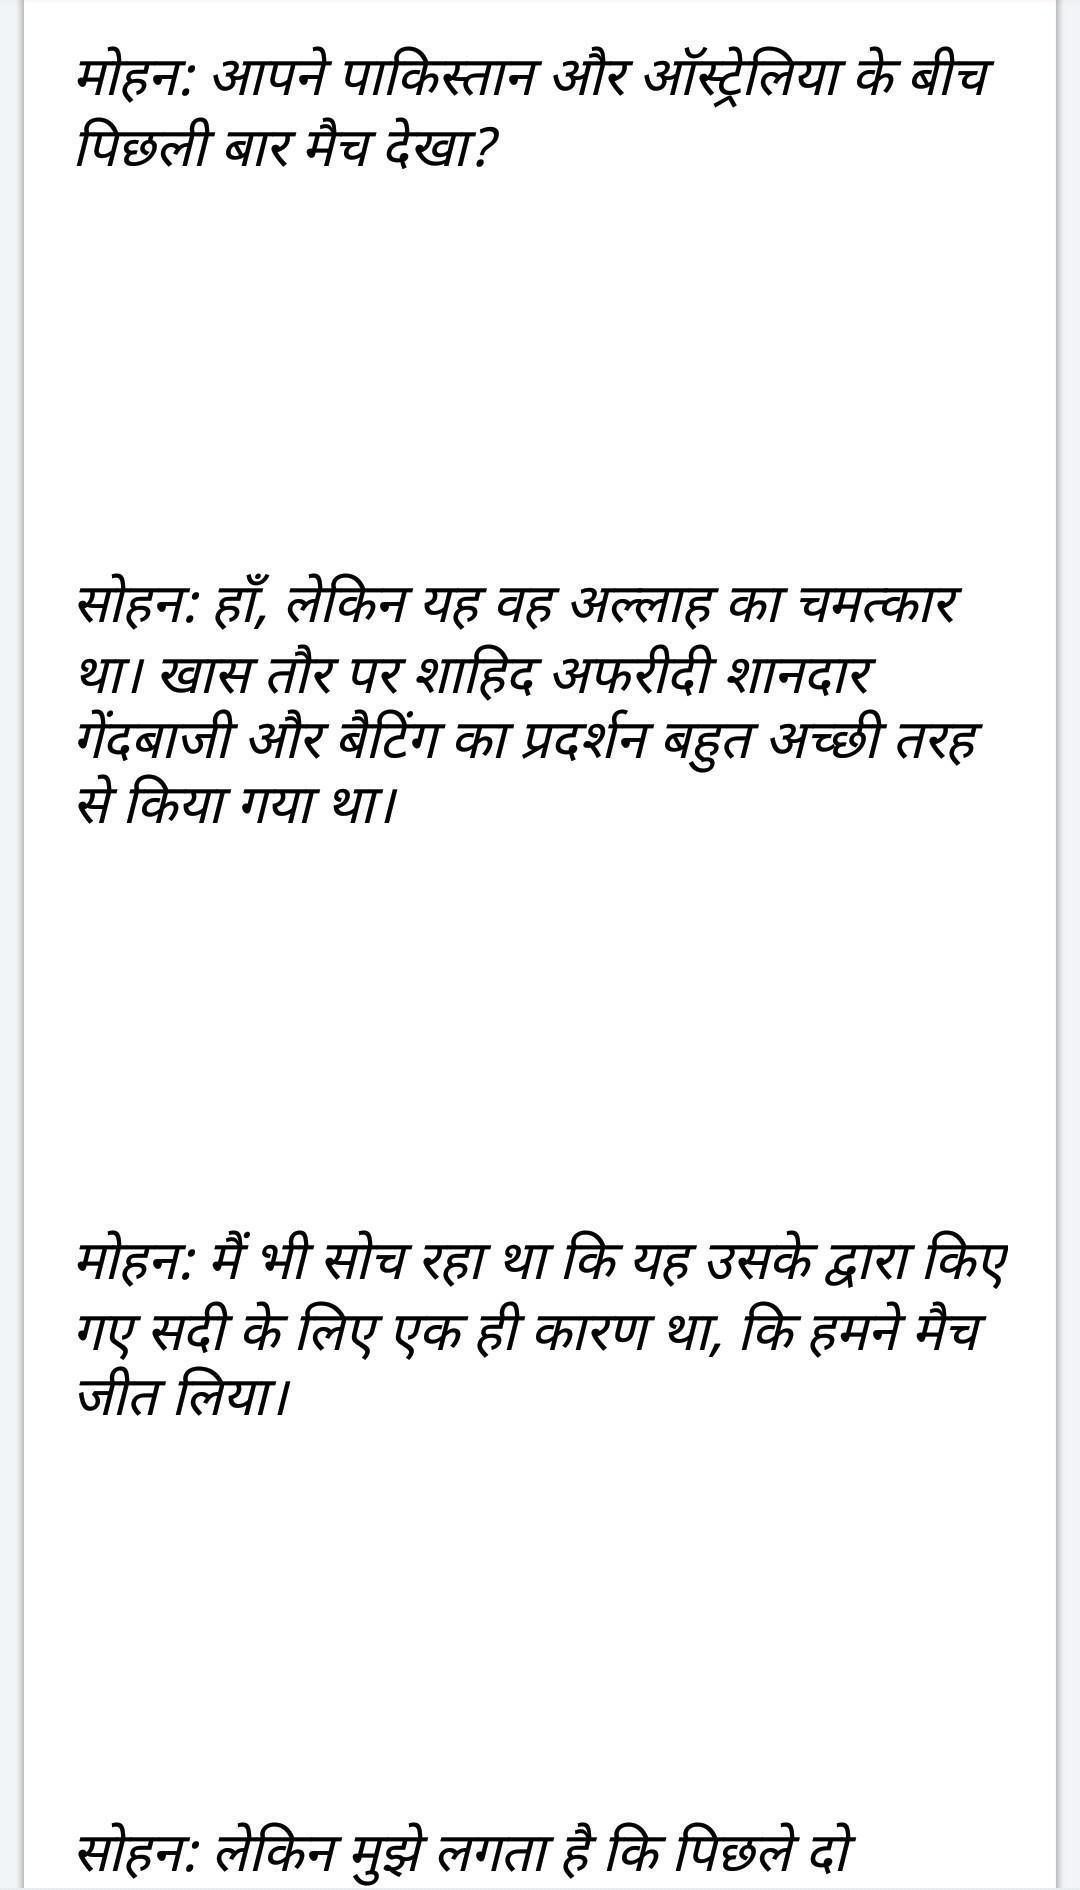 do Mitro ke beech Kisi Ek Khel ko Lekar samvad Hindi mai